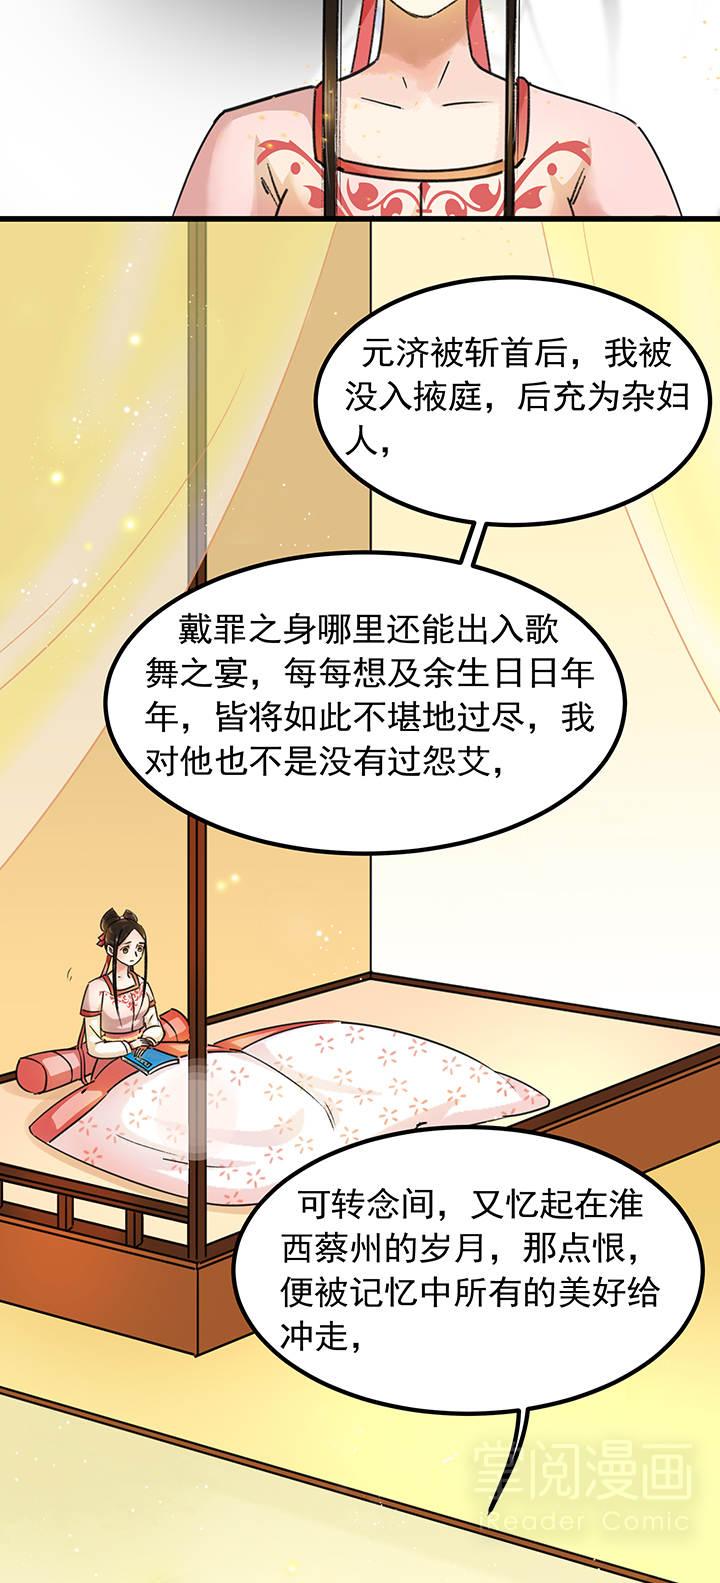 晚唐烟华第13话  倾心相授 第 9